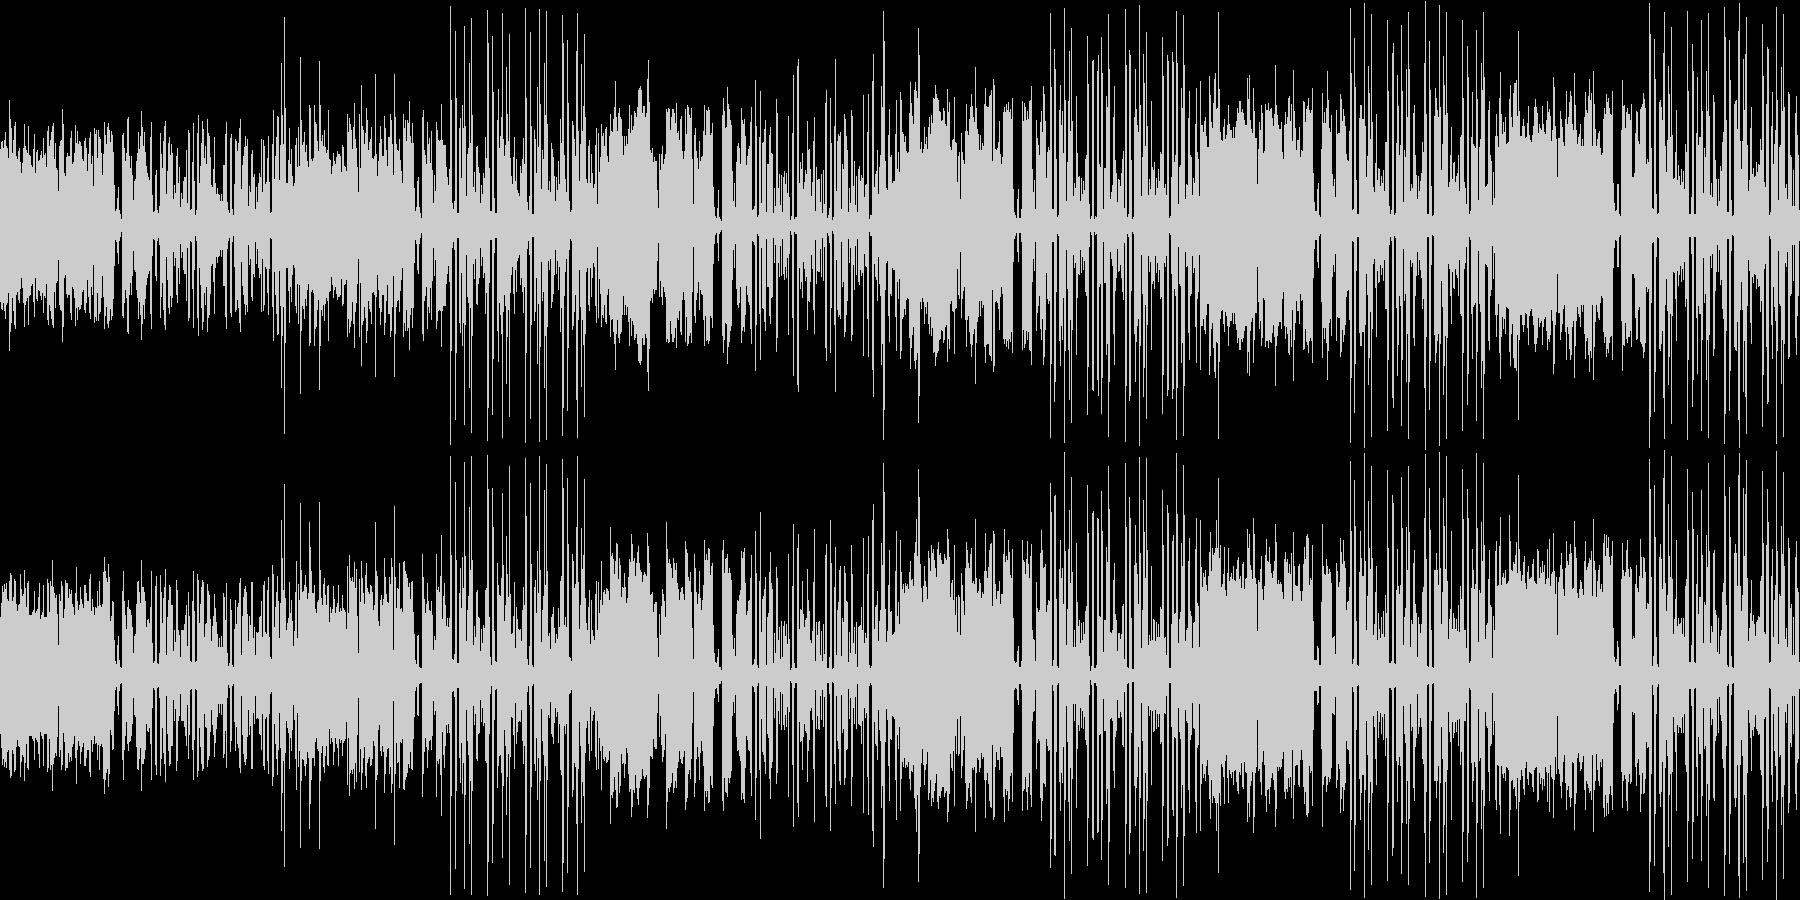 【ケルト・ファンタジー感溢れるポップス】の未再生の波形